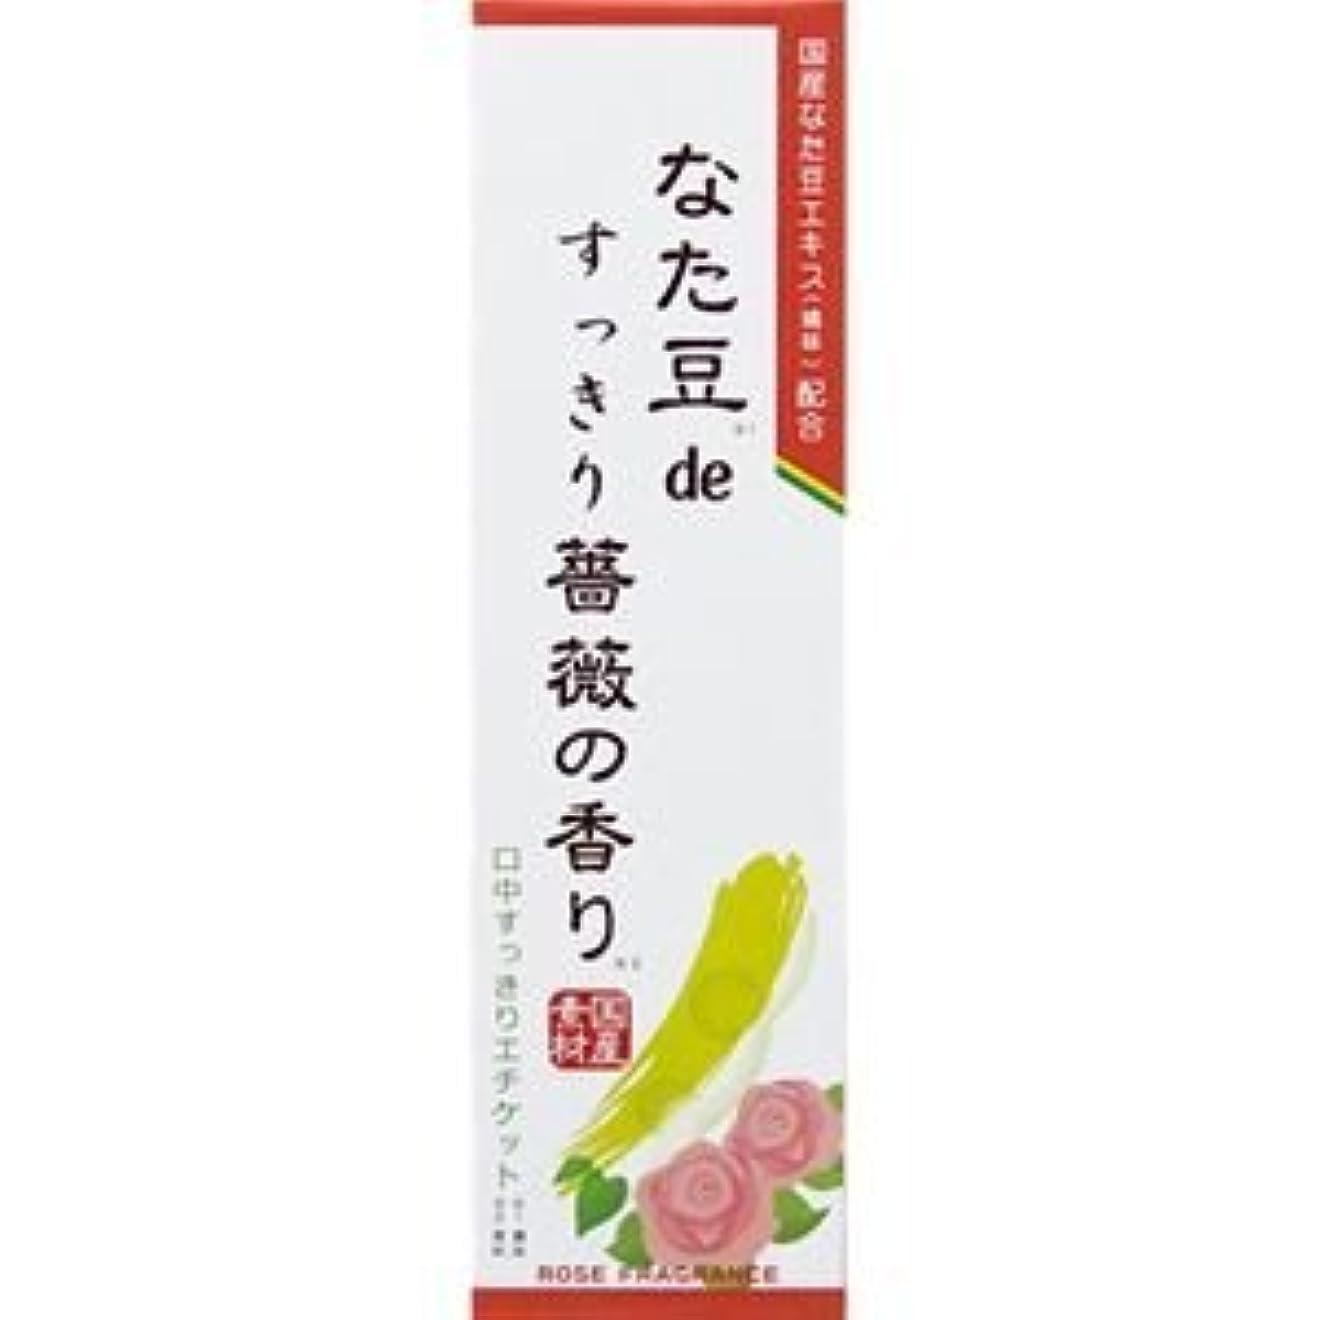 削除する放棄する嘆く(まとめ買い)なた豆deすっきり薔薇の香り 120g×3セット